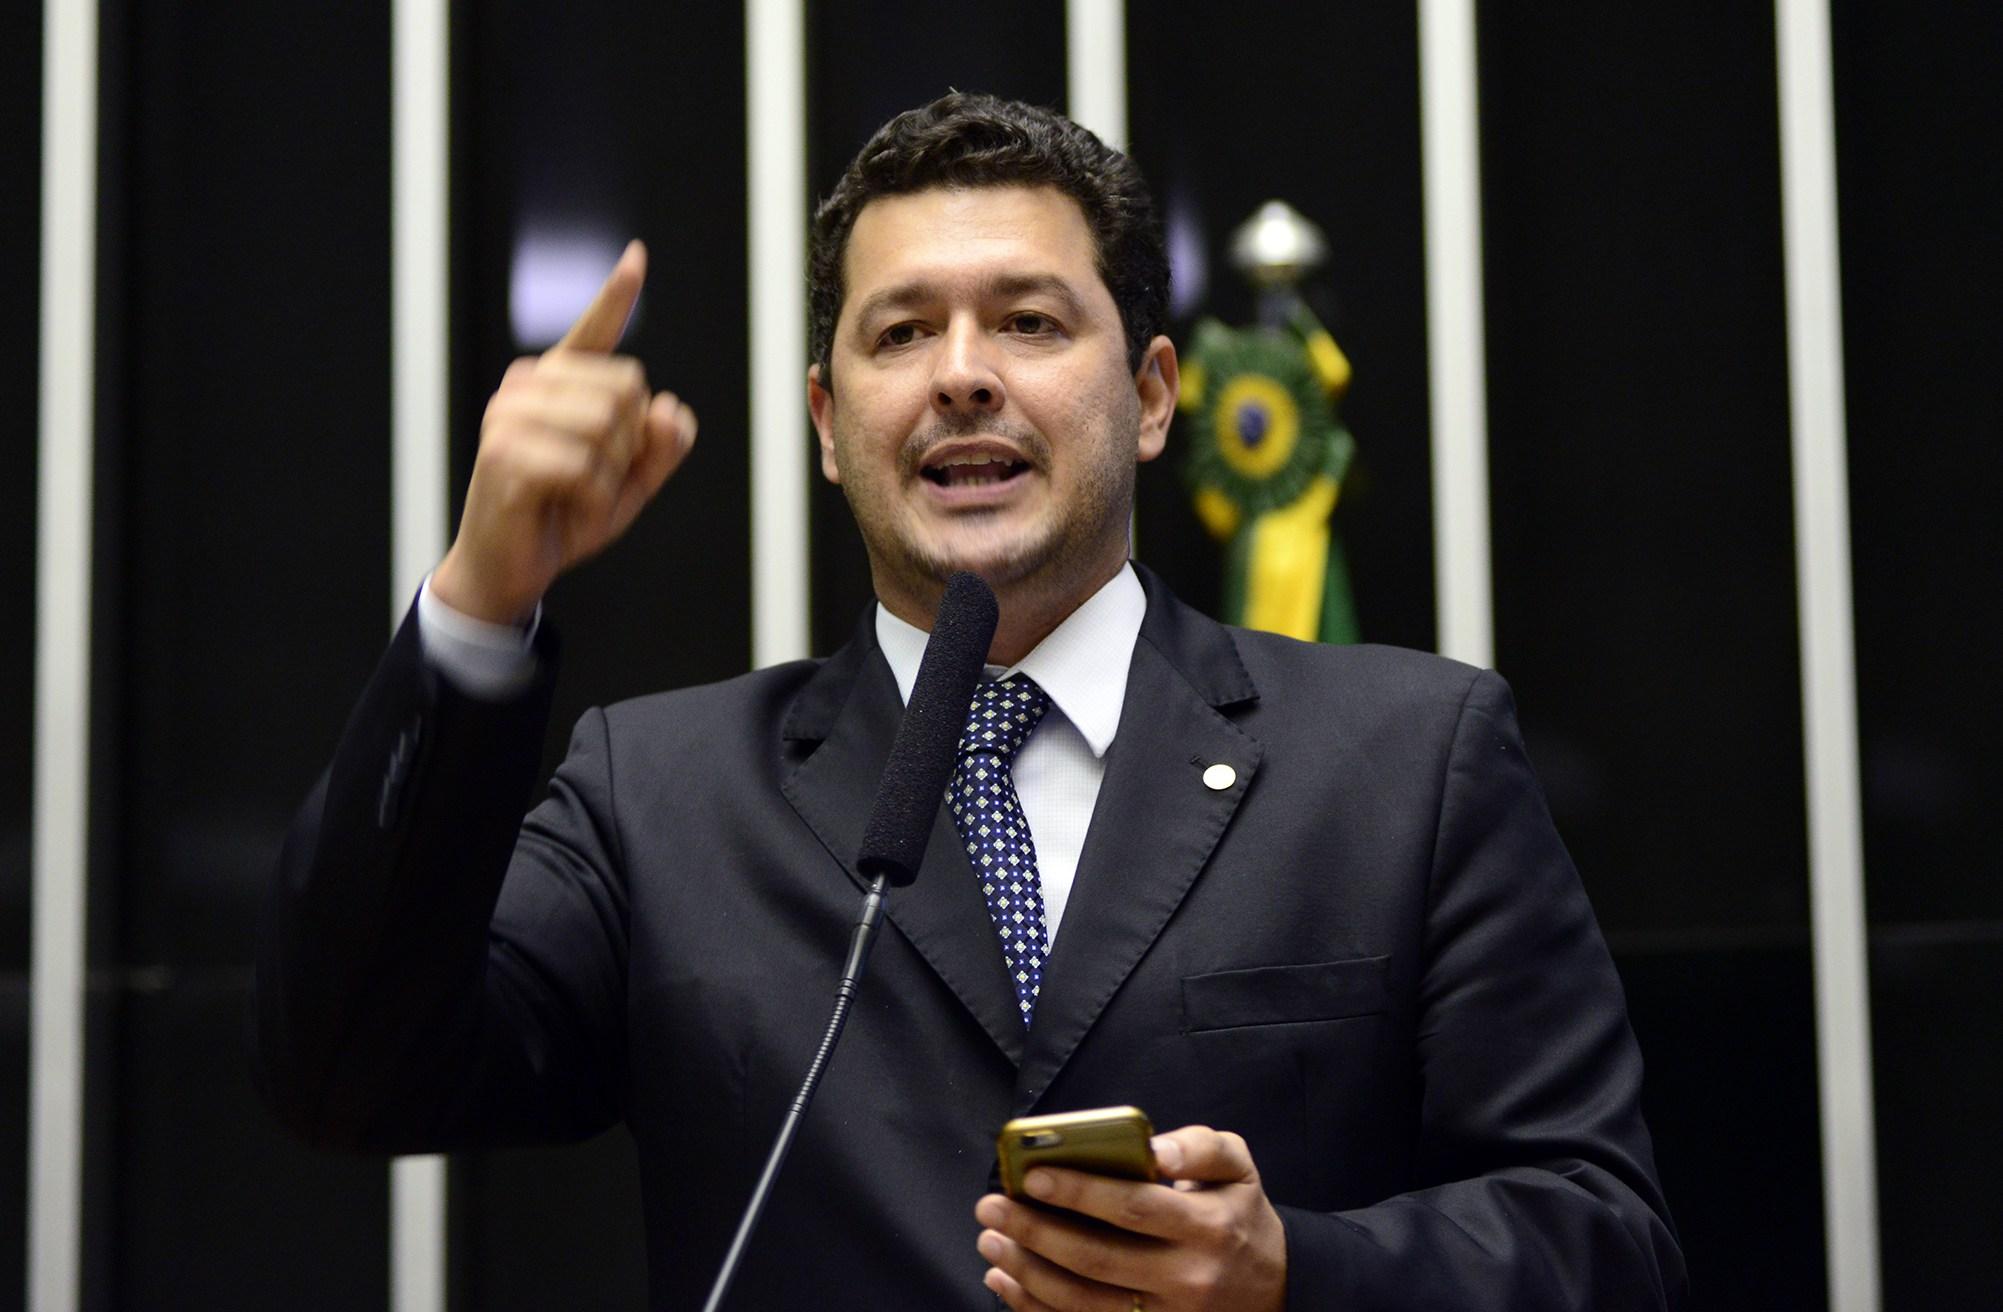 Deputado Betinho Gomes apresenta parecer favorável a projeto que regulamenta negociação coletiva no setor público